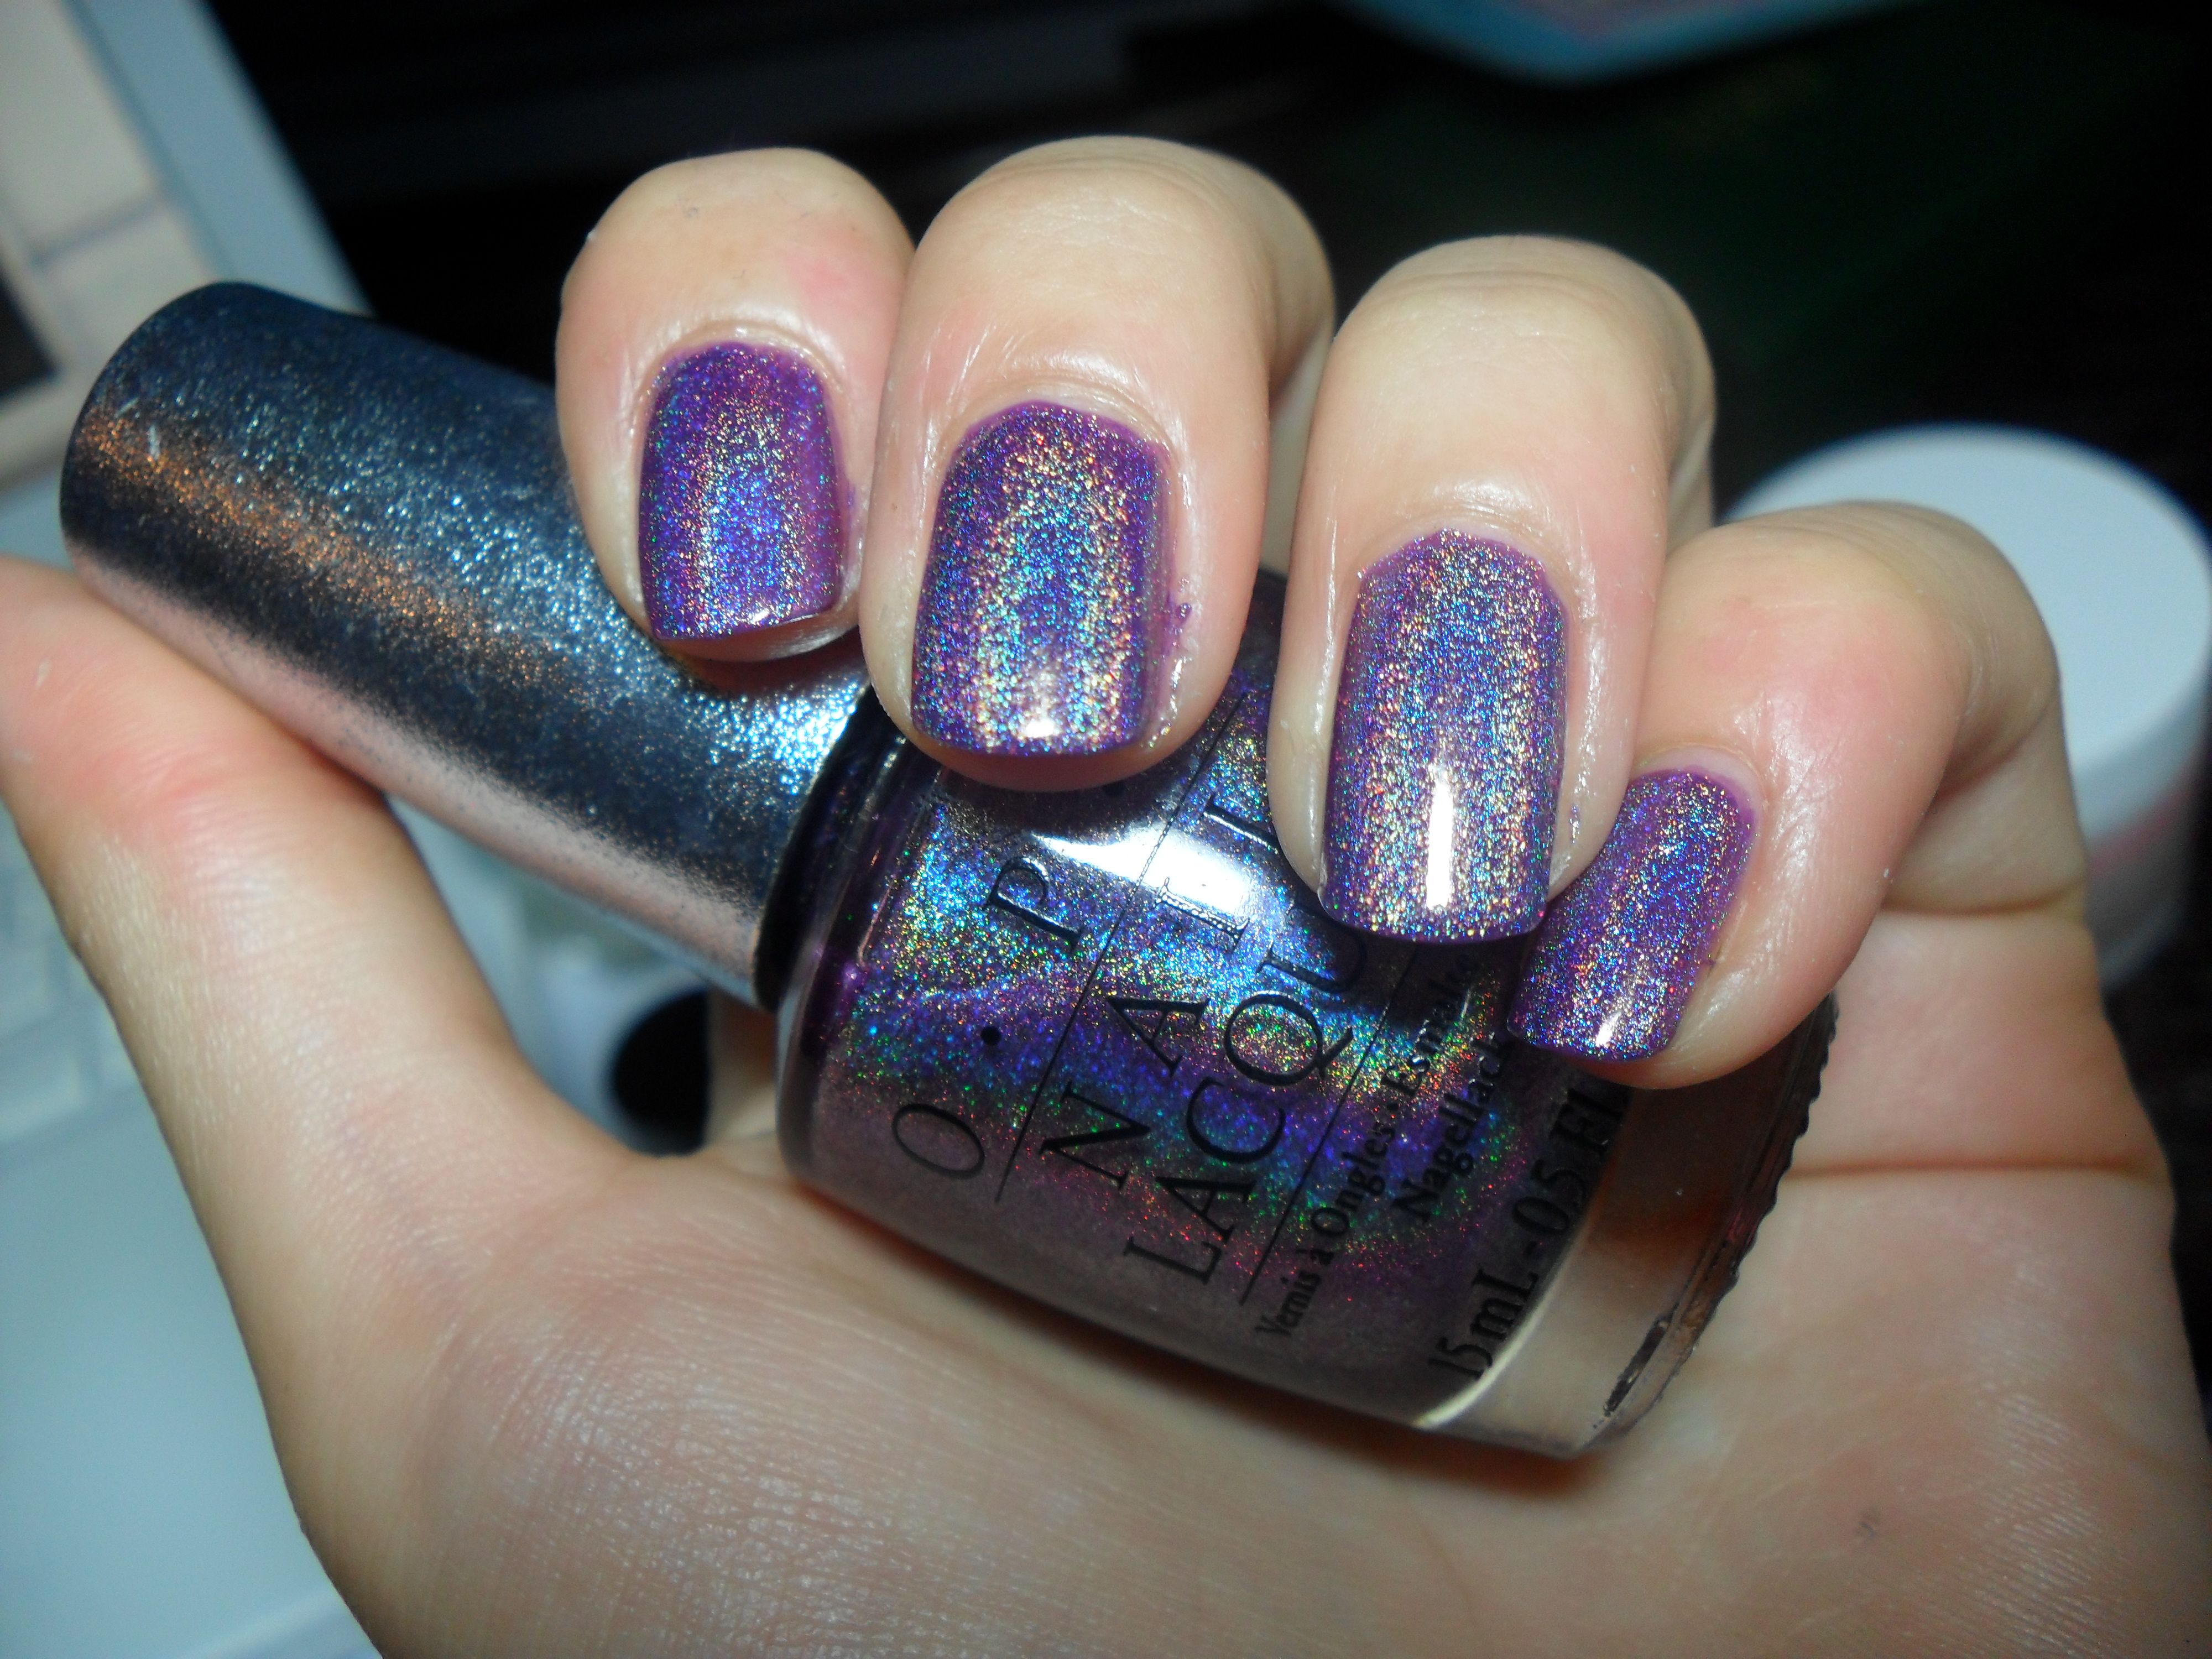 OPI DS Classic | Nail polish style, Nail polish, Opi nail